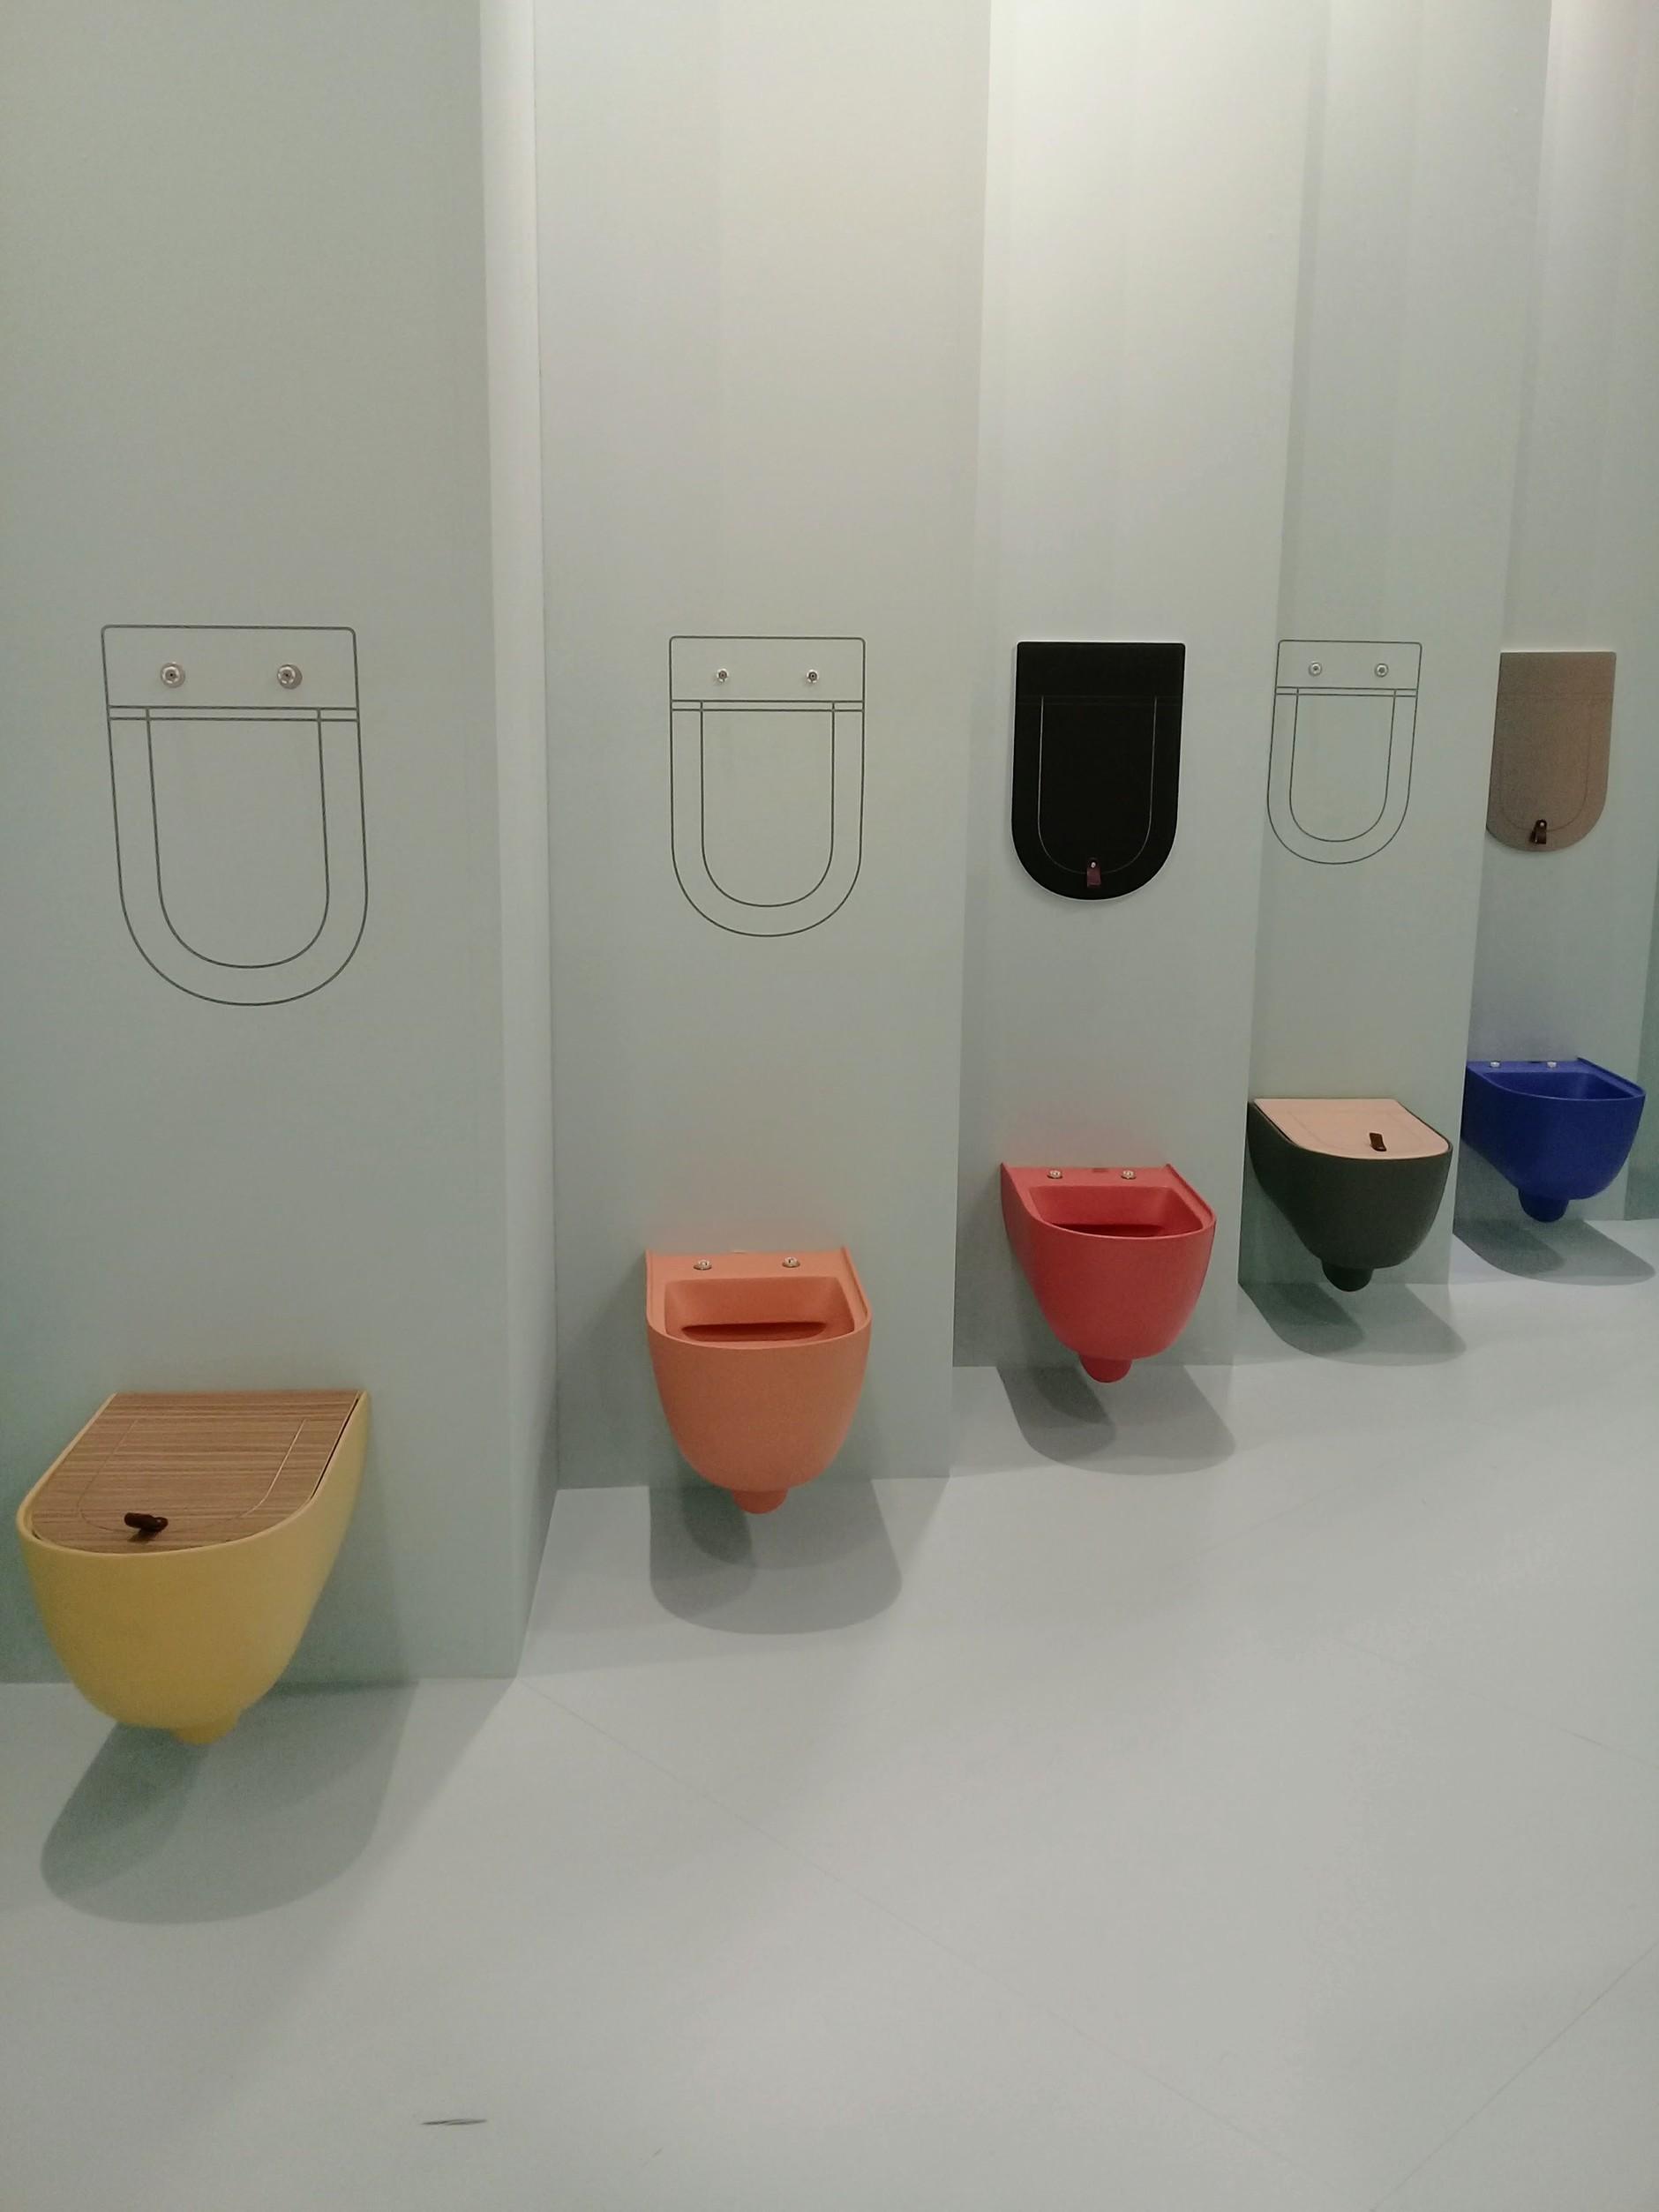 Выставка CERSAIE 2019 открылась в Болонье (галерея 6, фото 2)